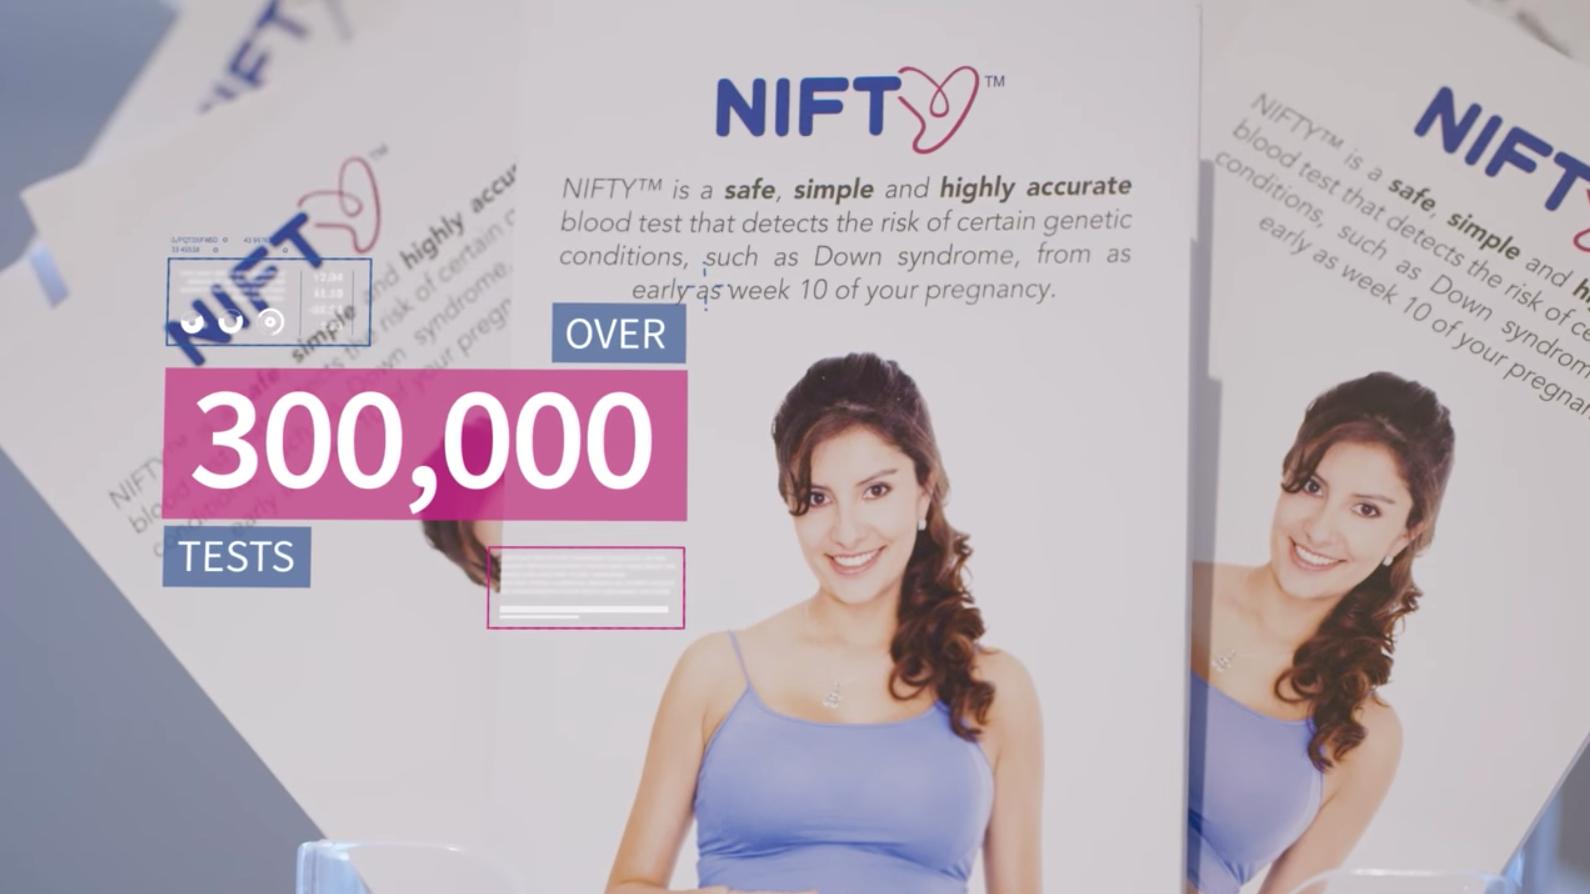 Bác sĩ Anh: Khuyên các bà mẹ không nên dùng NIFTY (Ảnh: chụp từ video)